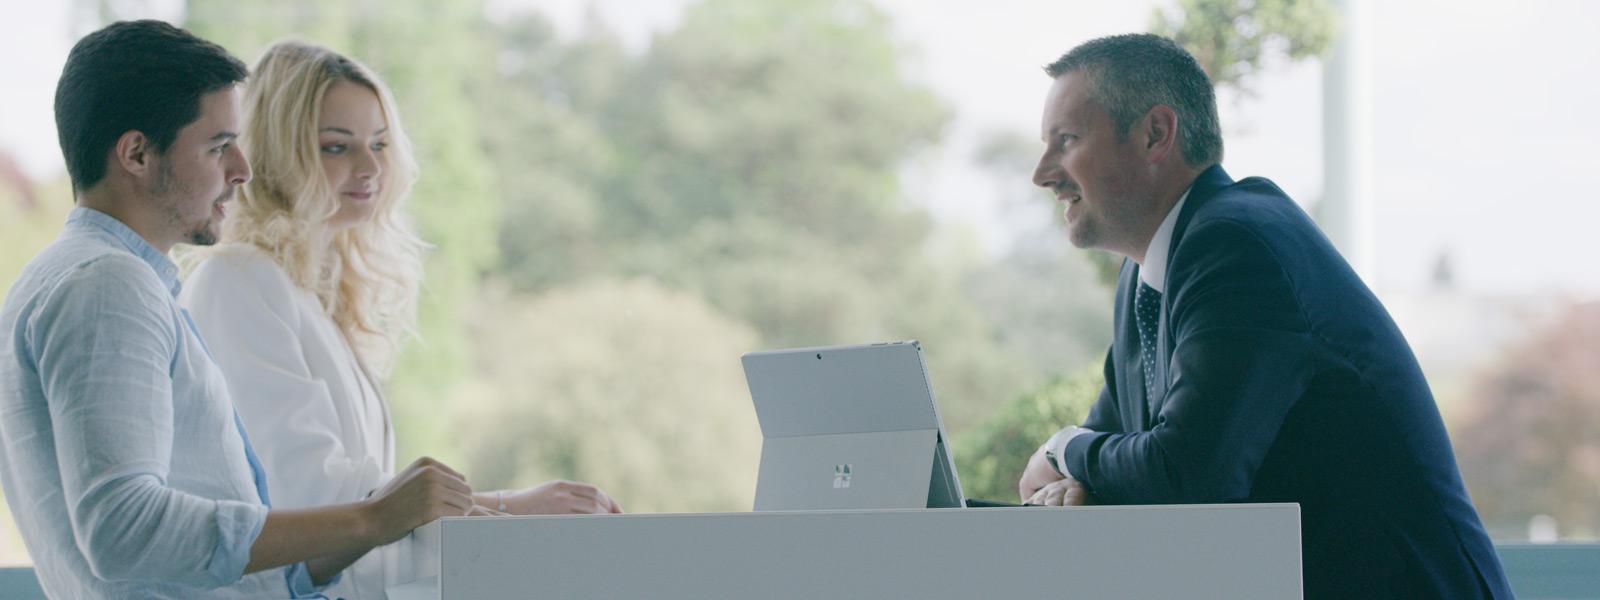 Surface Pro が置かれているデスクに腰掛ける 3 名の背景に野外のセットがある様子。